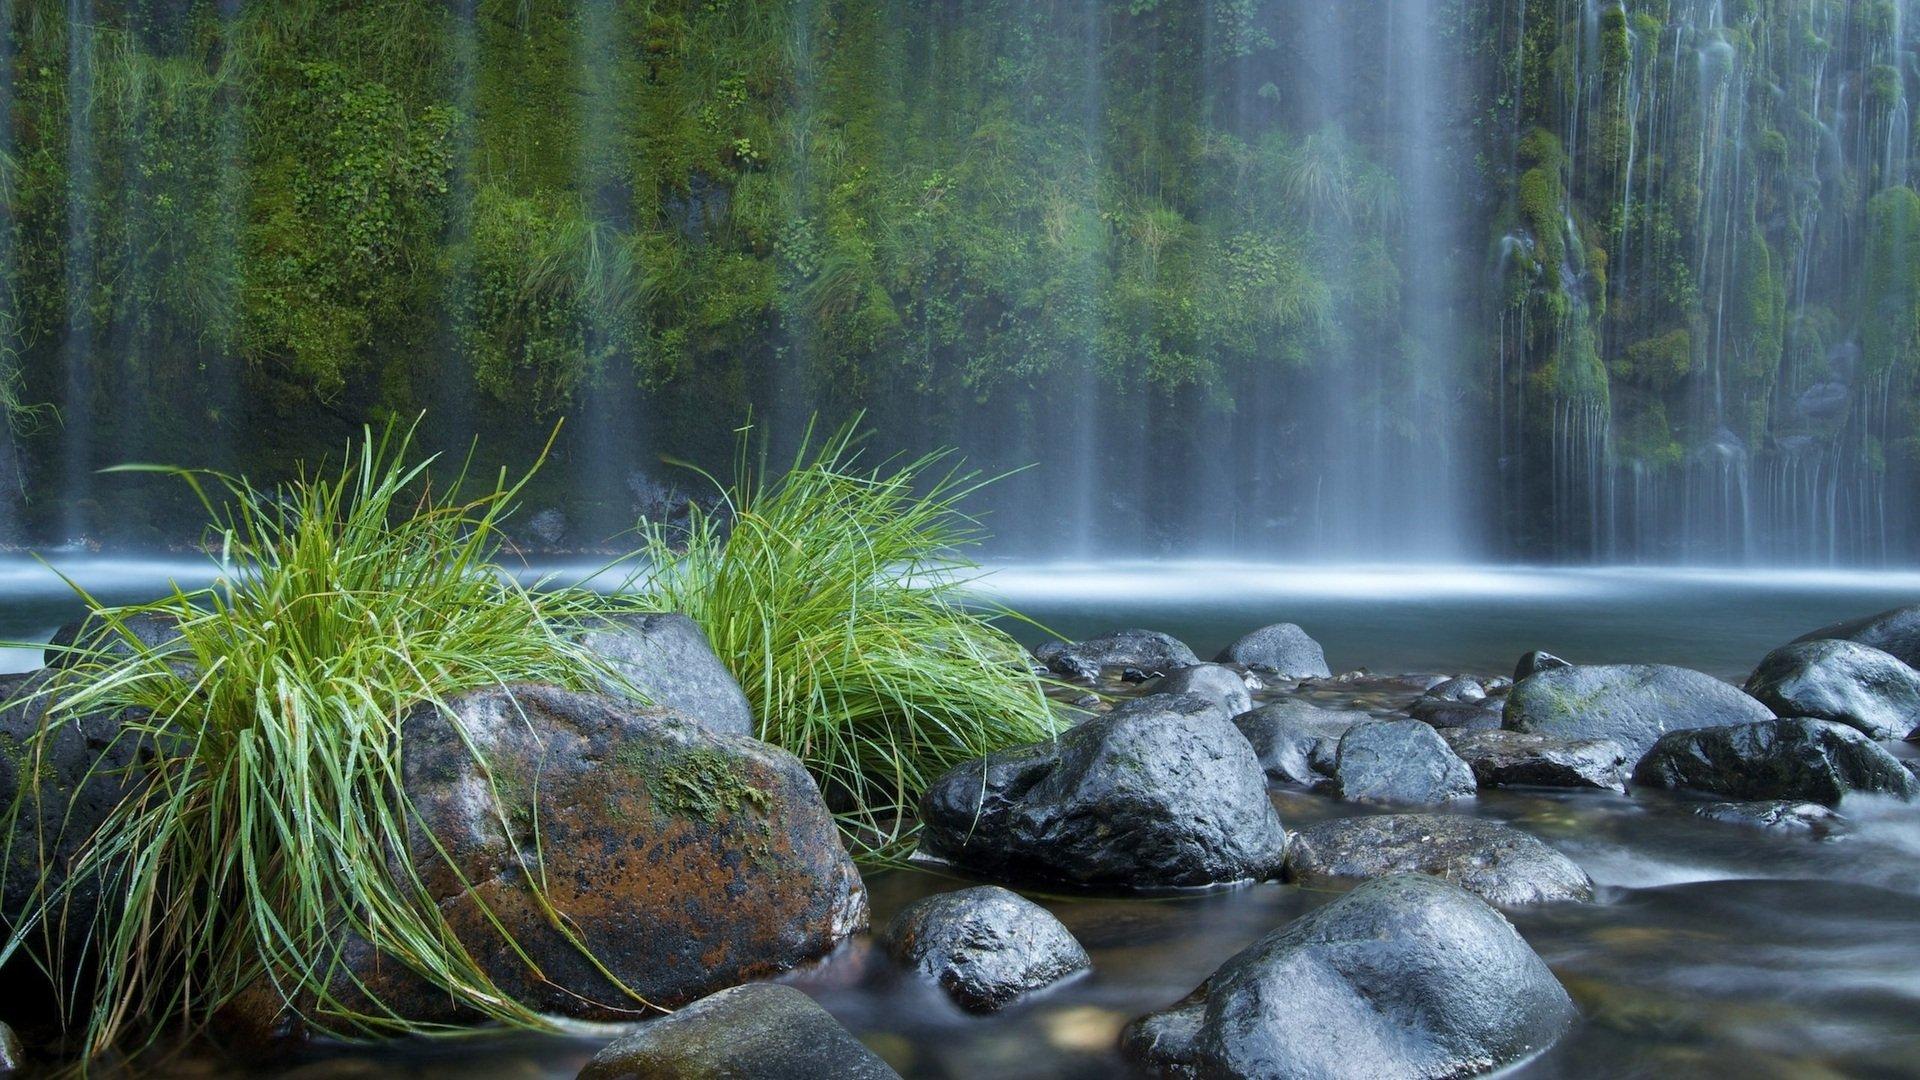 Waterfall Wallpaper Hd9 169159 HD Wallpaper Res 1920x1080 1920x1080